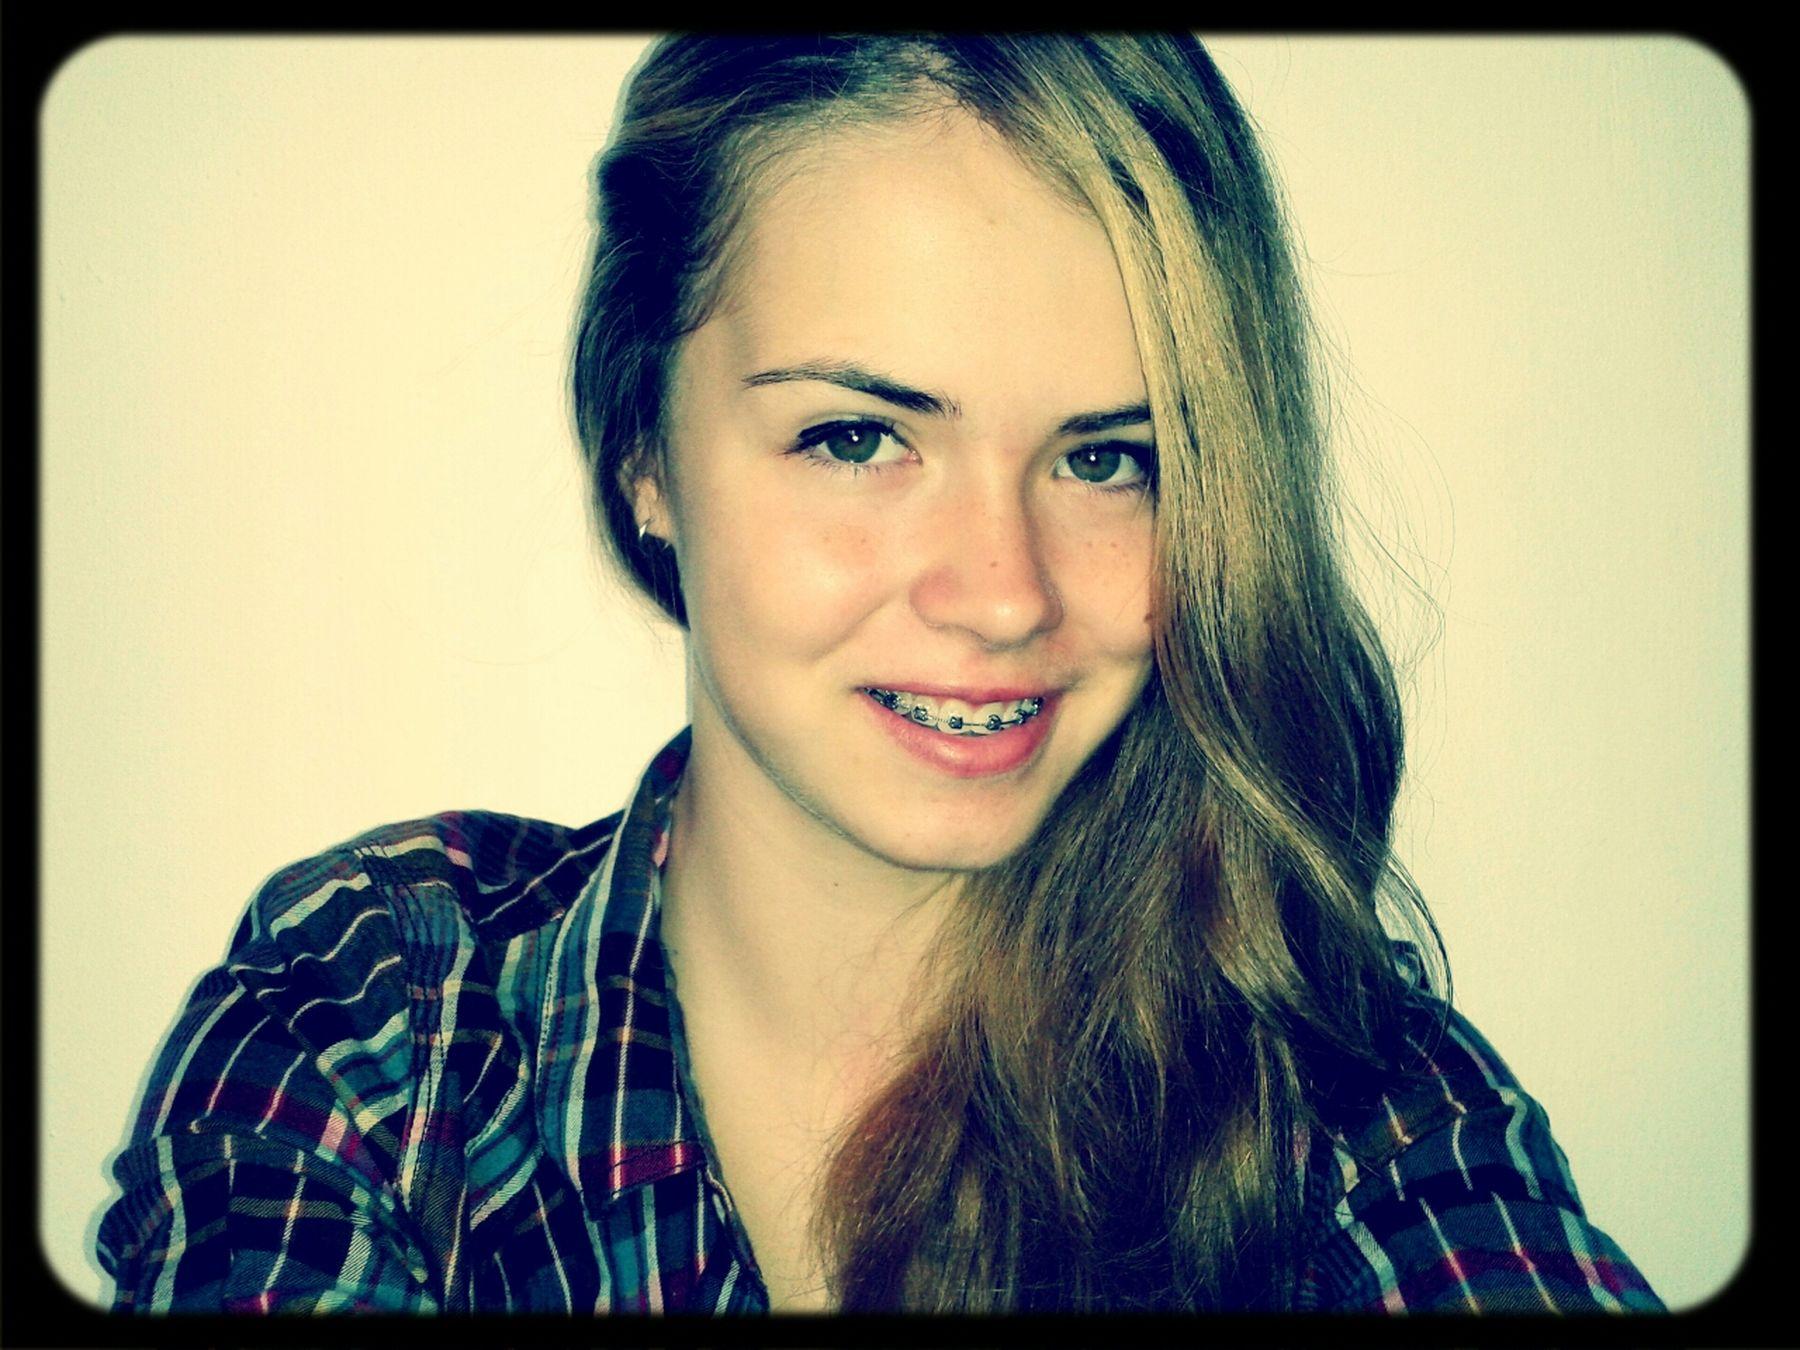 Me Brown Eyes BrownHair Smile :)